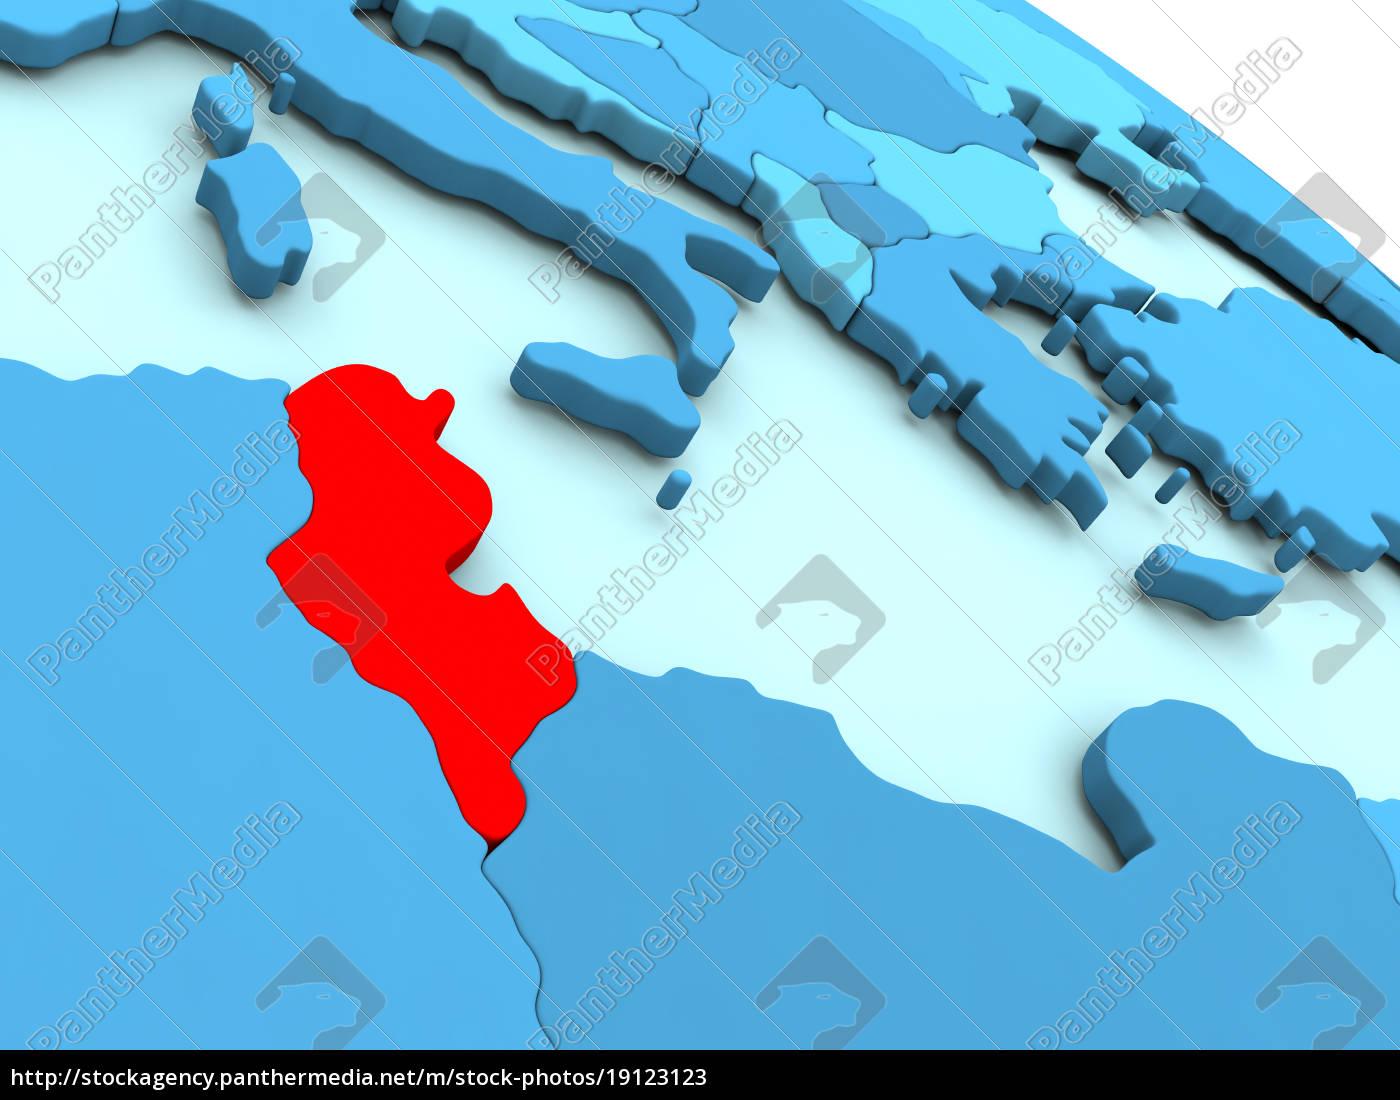 tunesien, i, rød, på, blå, globus - 19123123